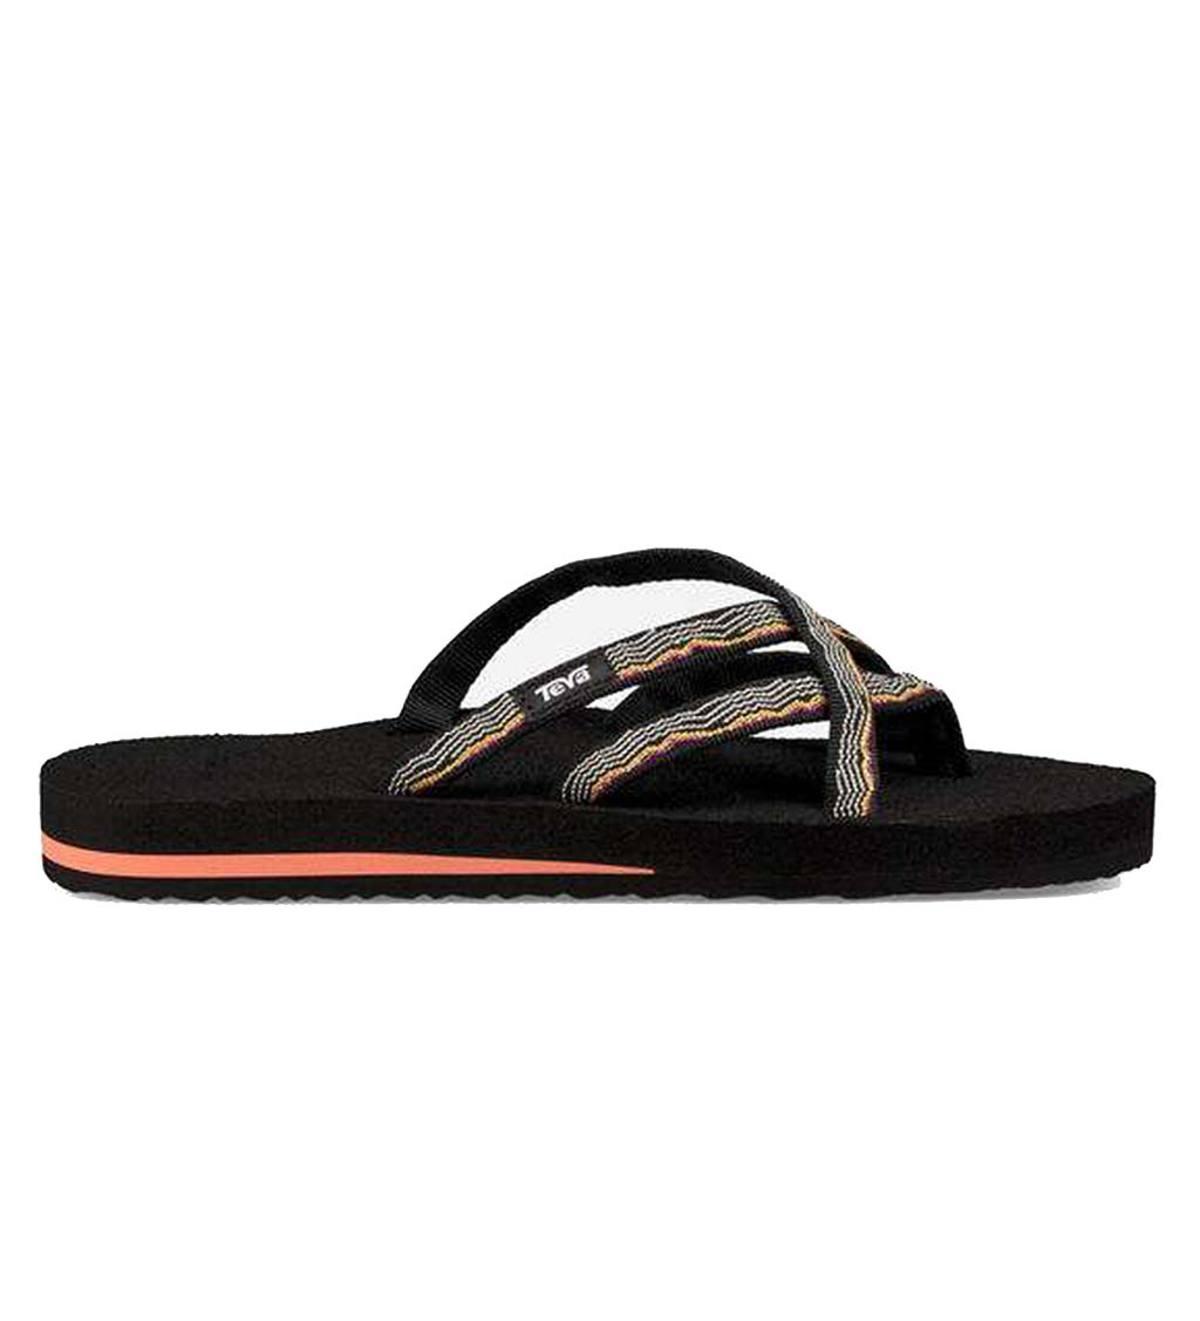 8e418917e Teva Women s Mush Olowahu Flip Flops - Black - Size 6